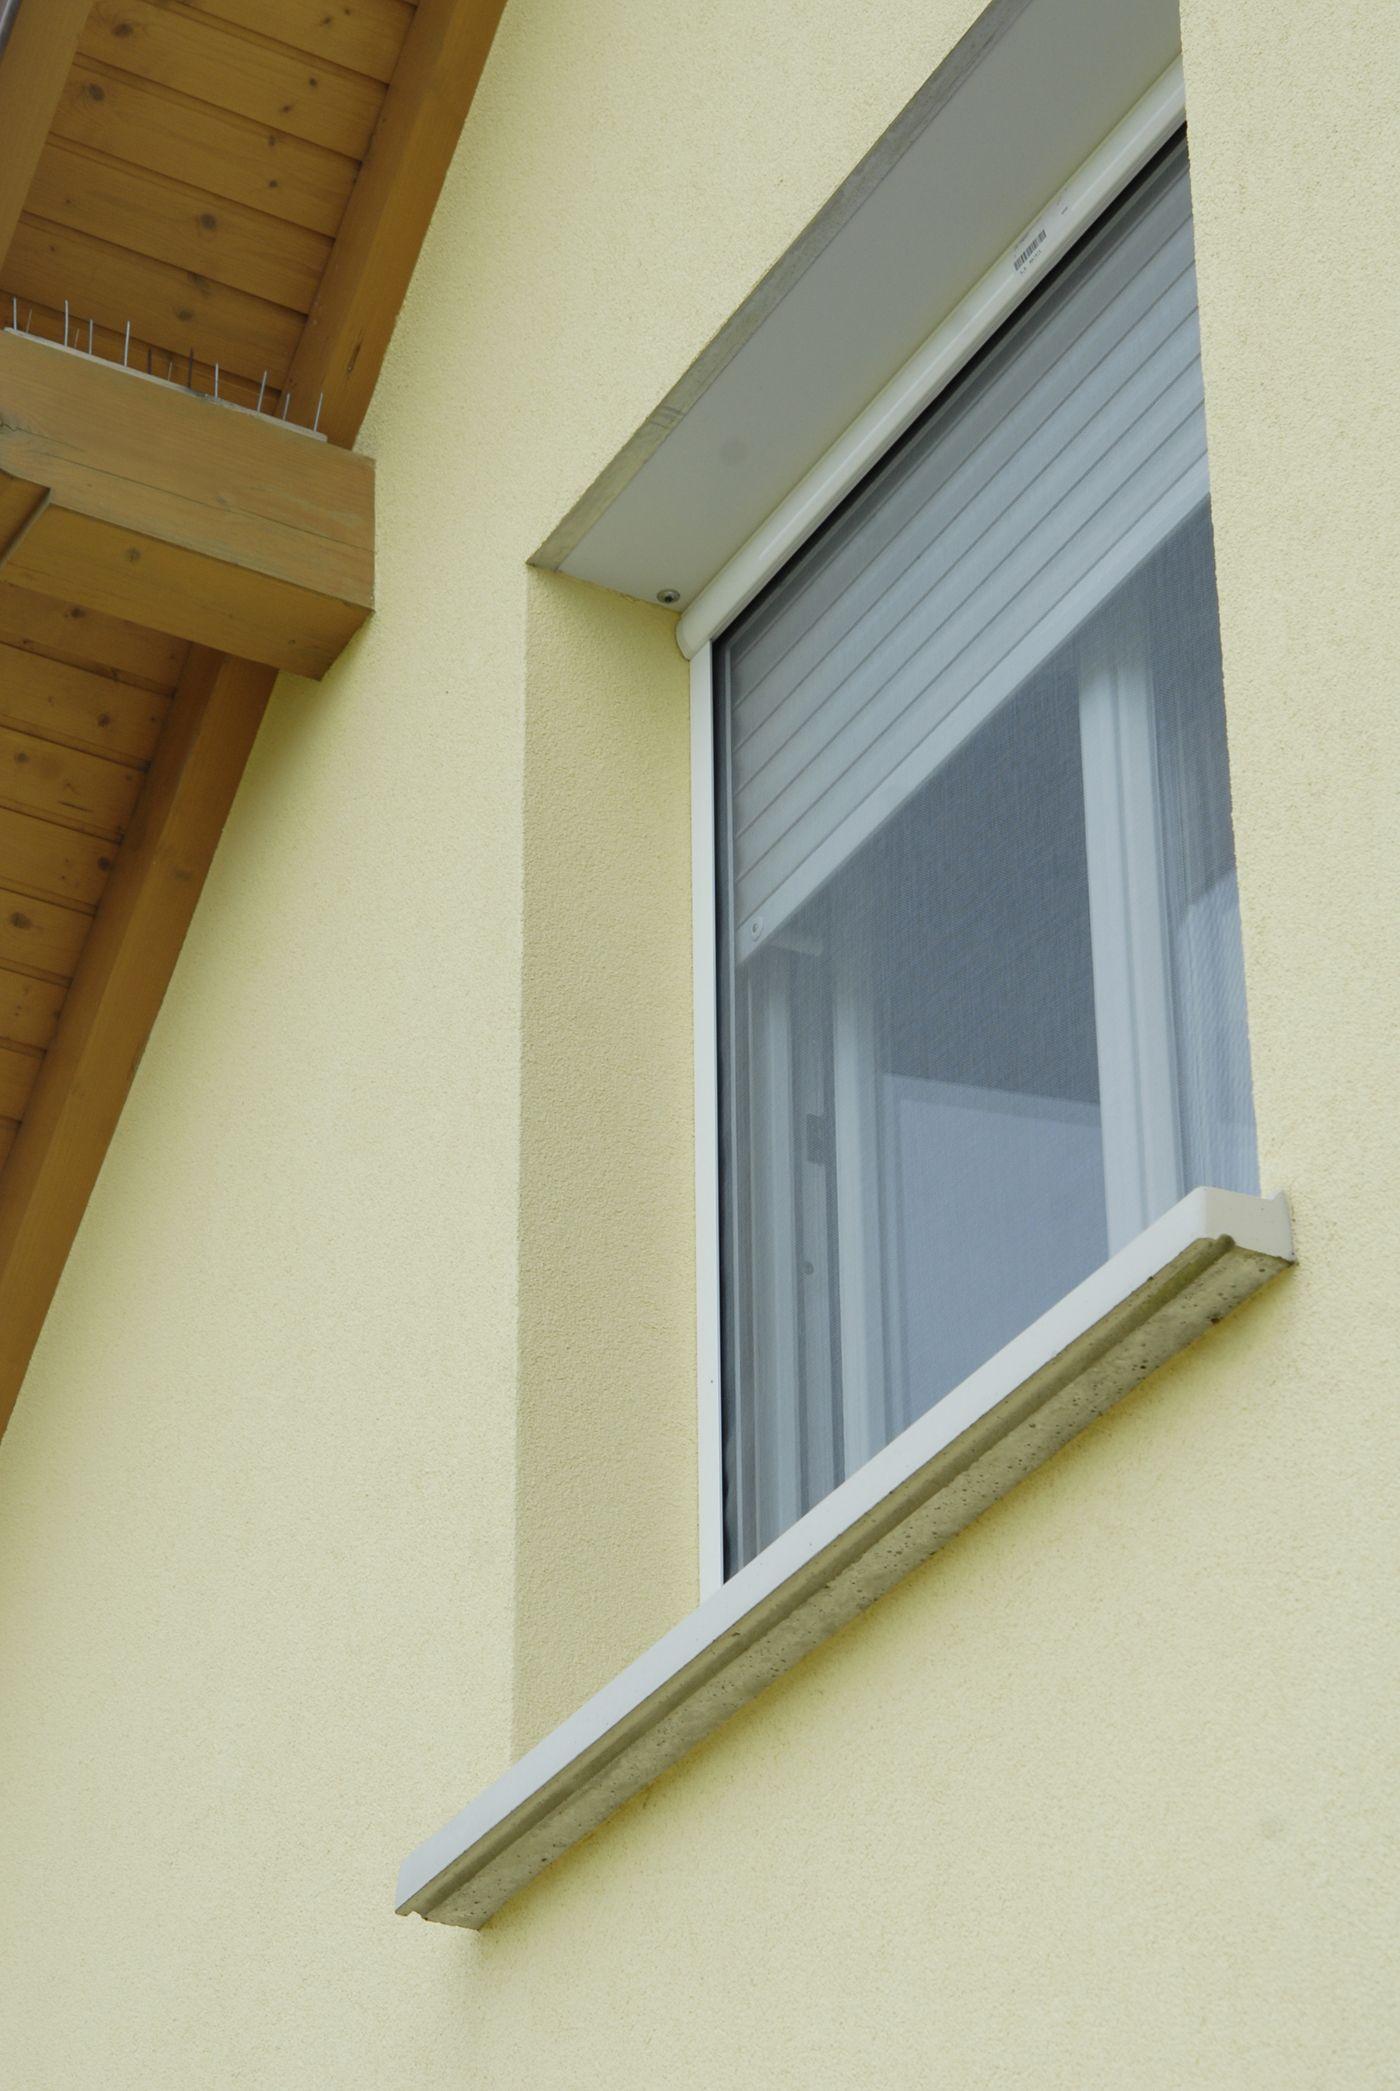 Les Moustiquaires Soprofen Une Protection Optimale Moustiquaire Moustiquaire Enroulable Renovation Maison